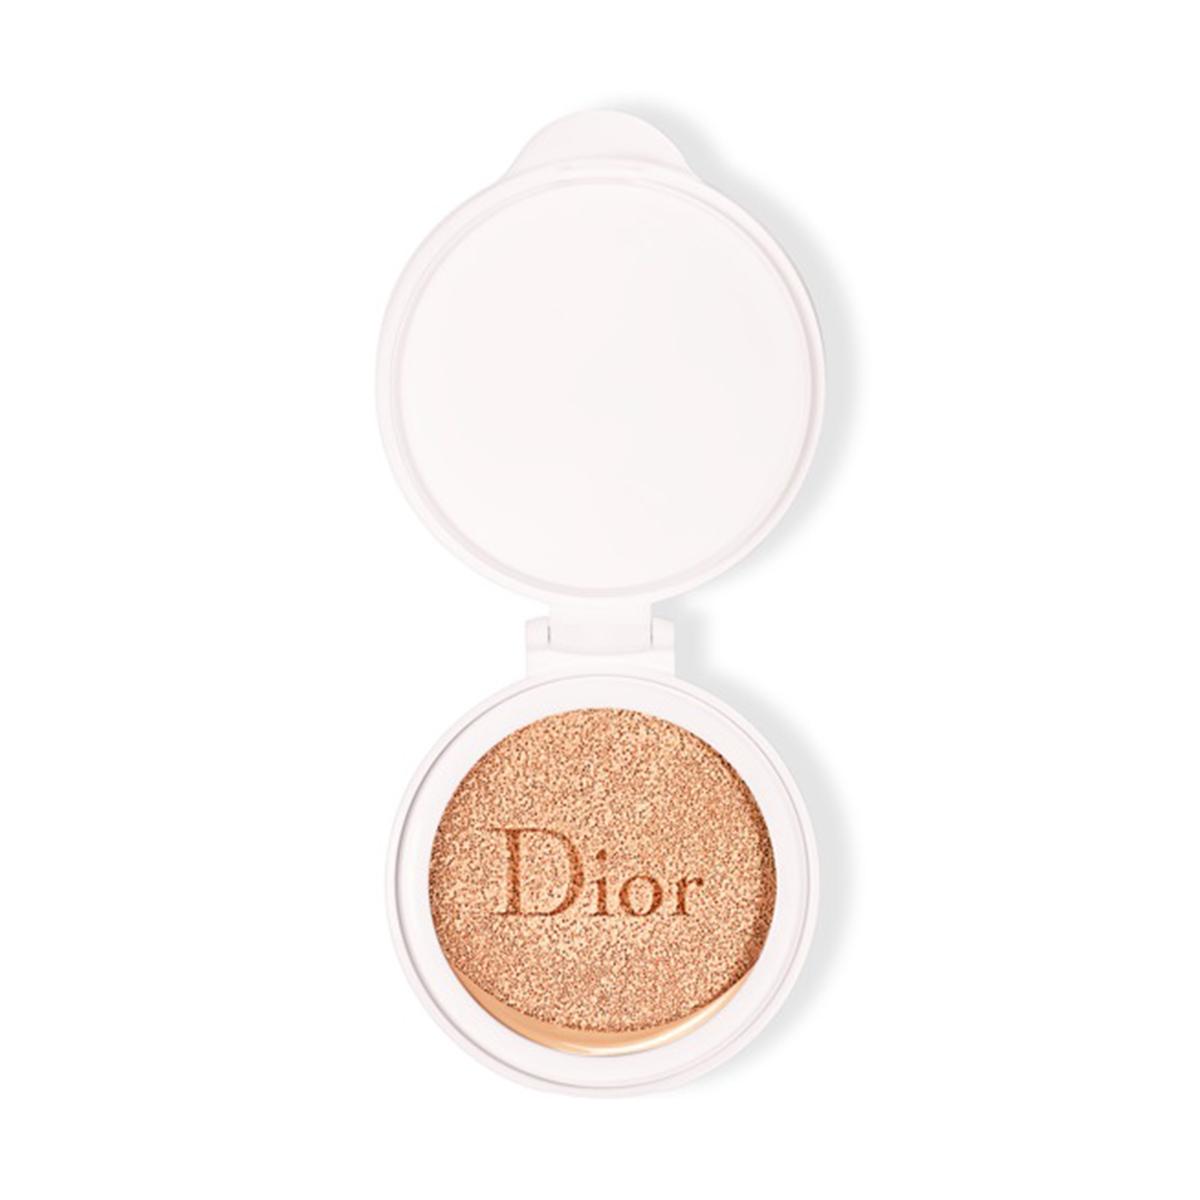 Dior capture dreamskin moist perfect cushion refill 010 15g